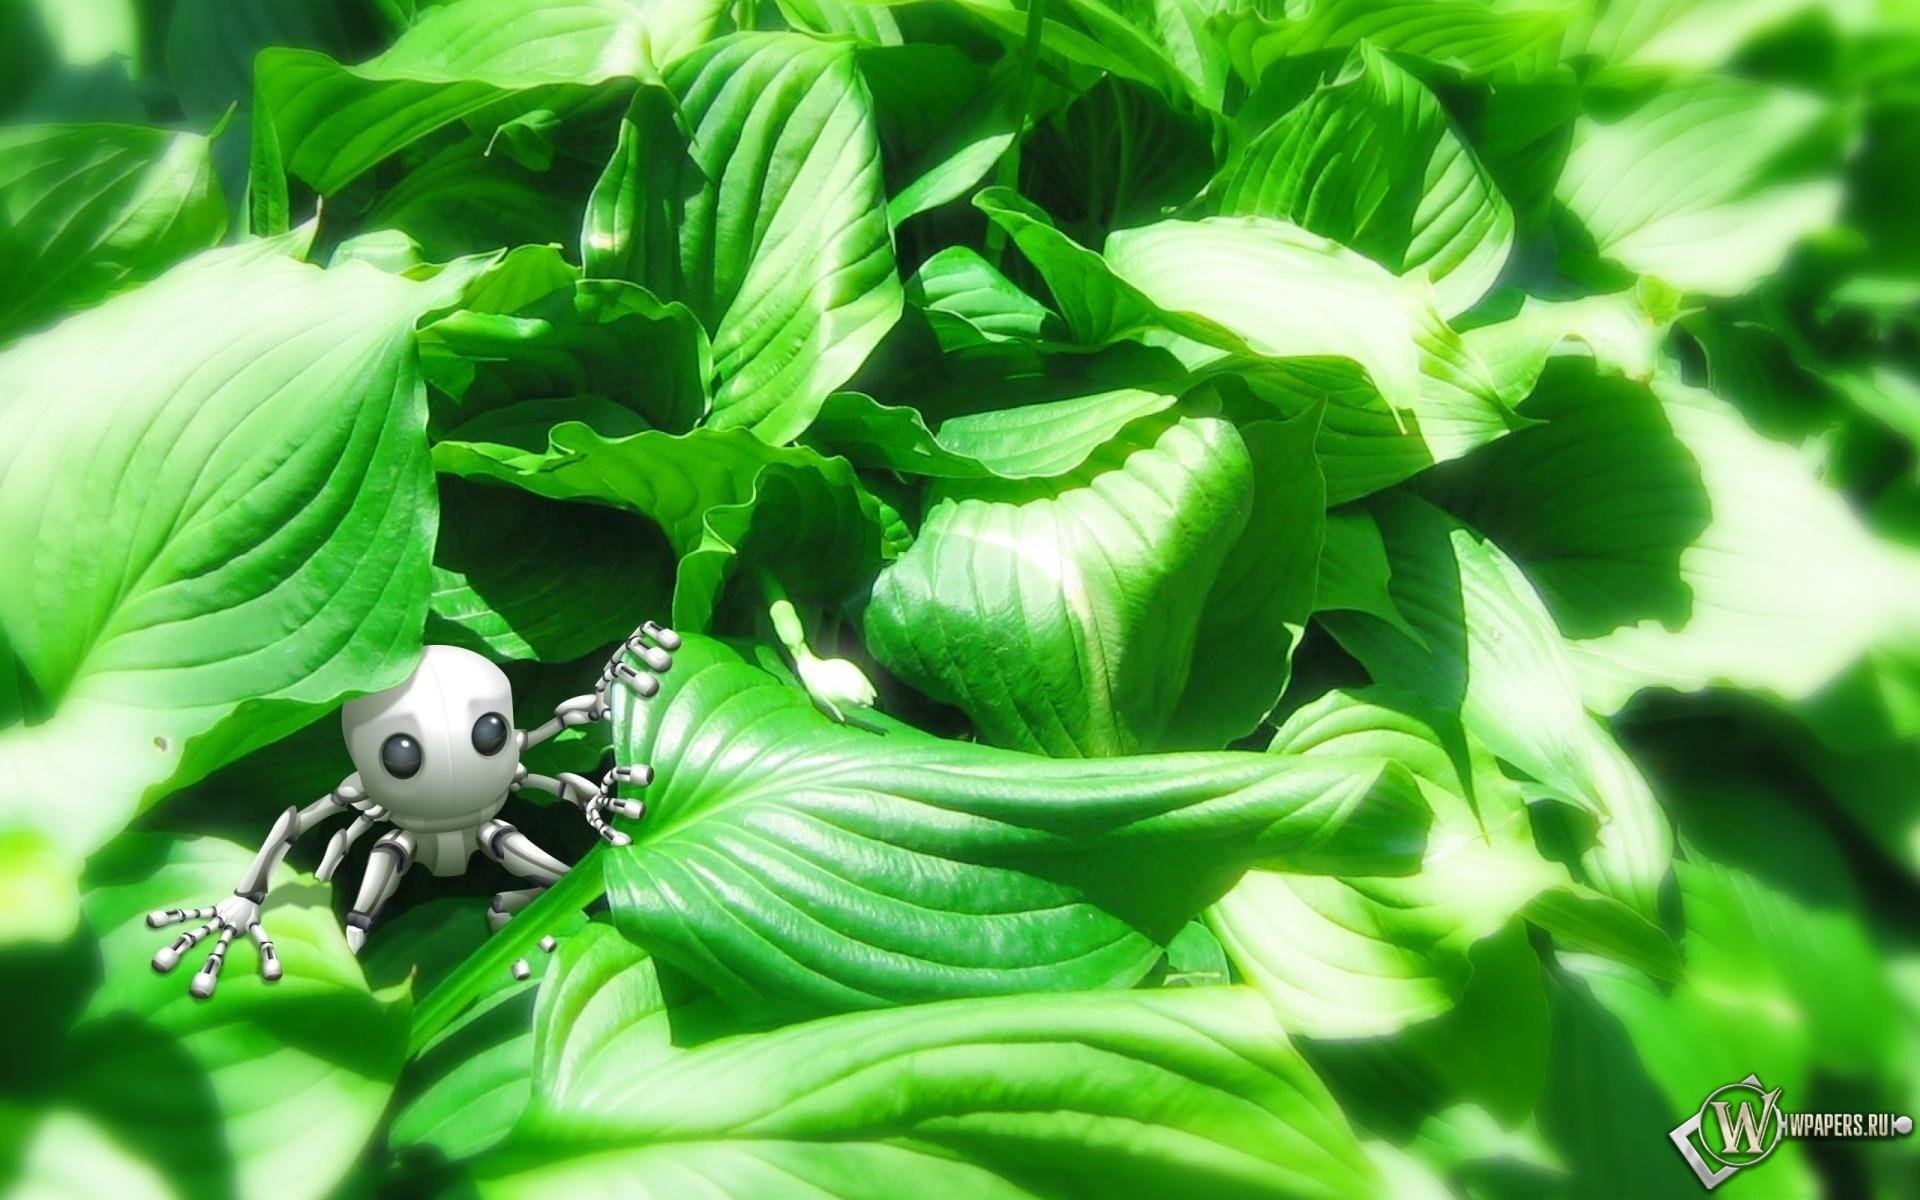 Робот в зелени 1920x1200